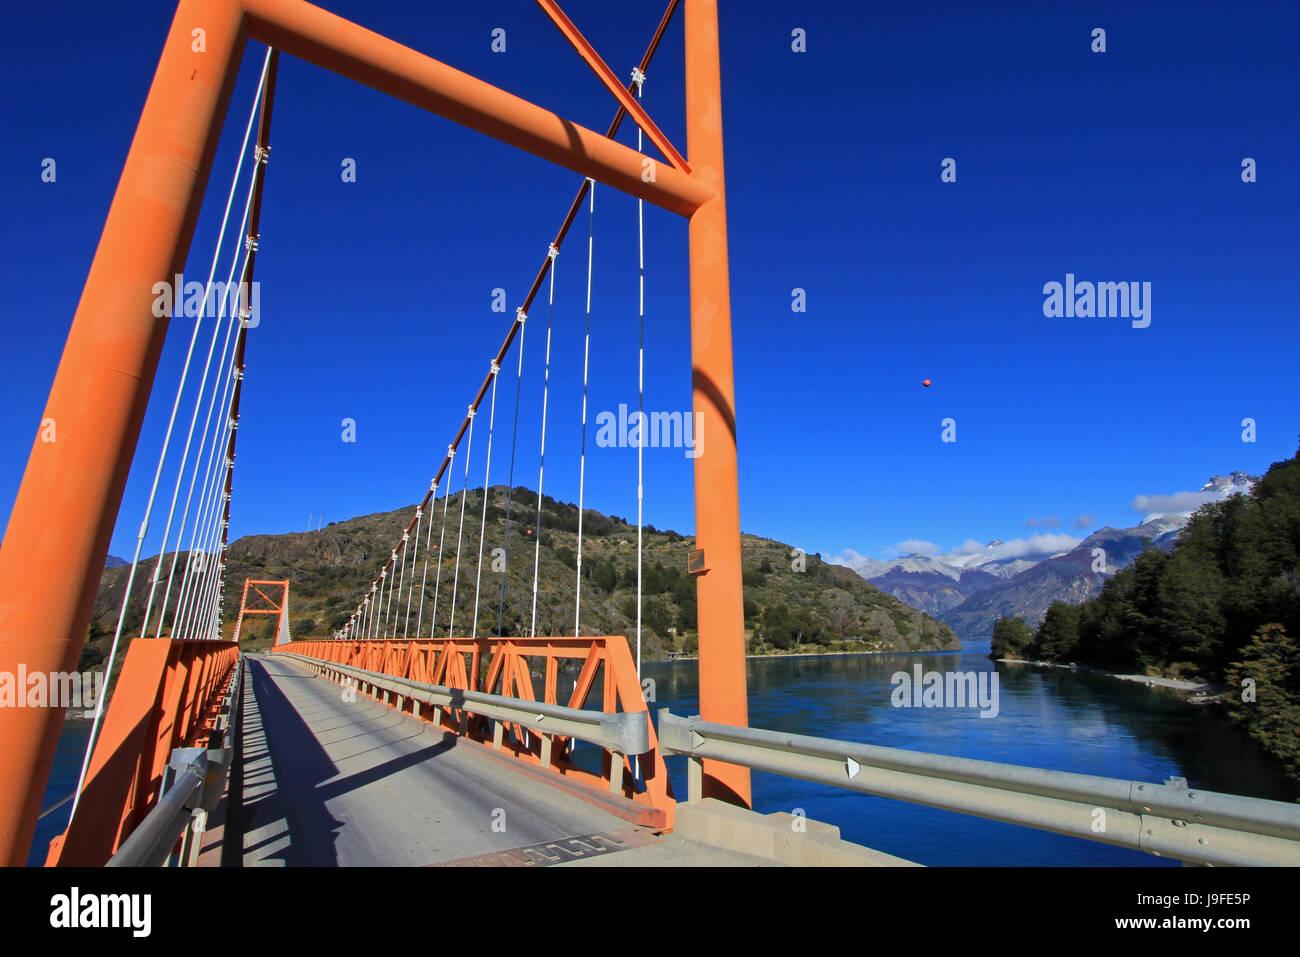 General Carrera Bridge, Bertrand Lake, Carretera Austral Chile - Stock Image